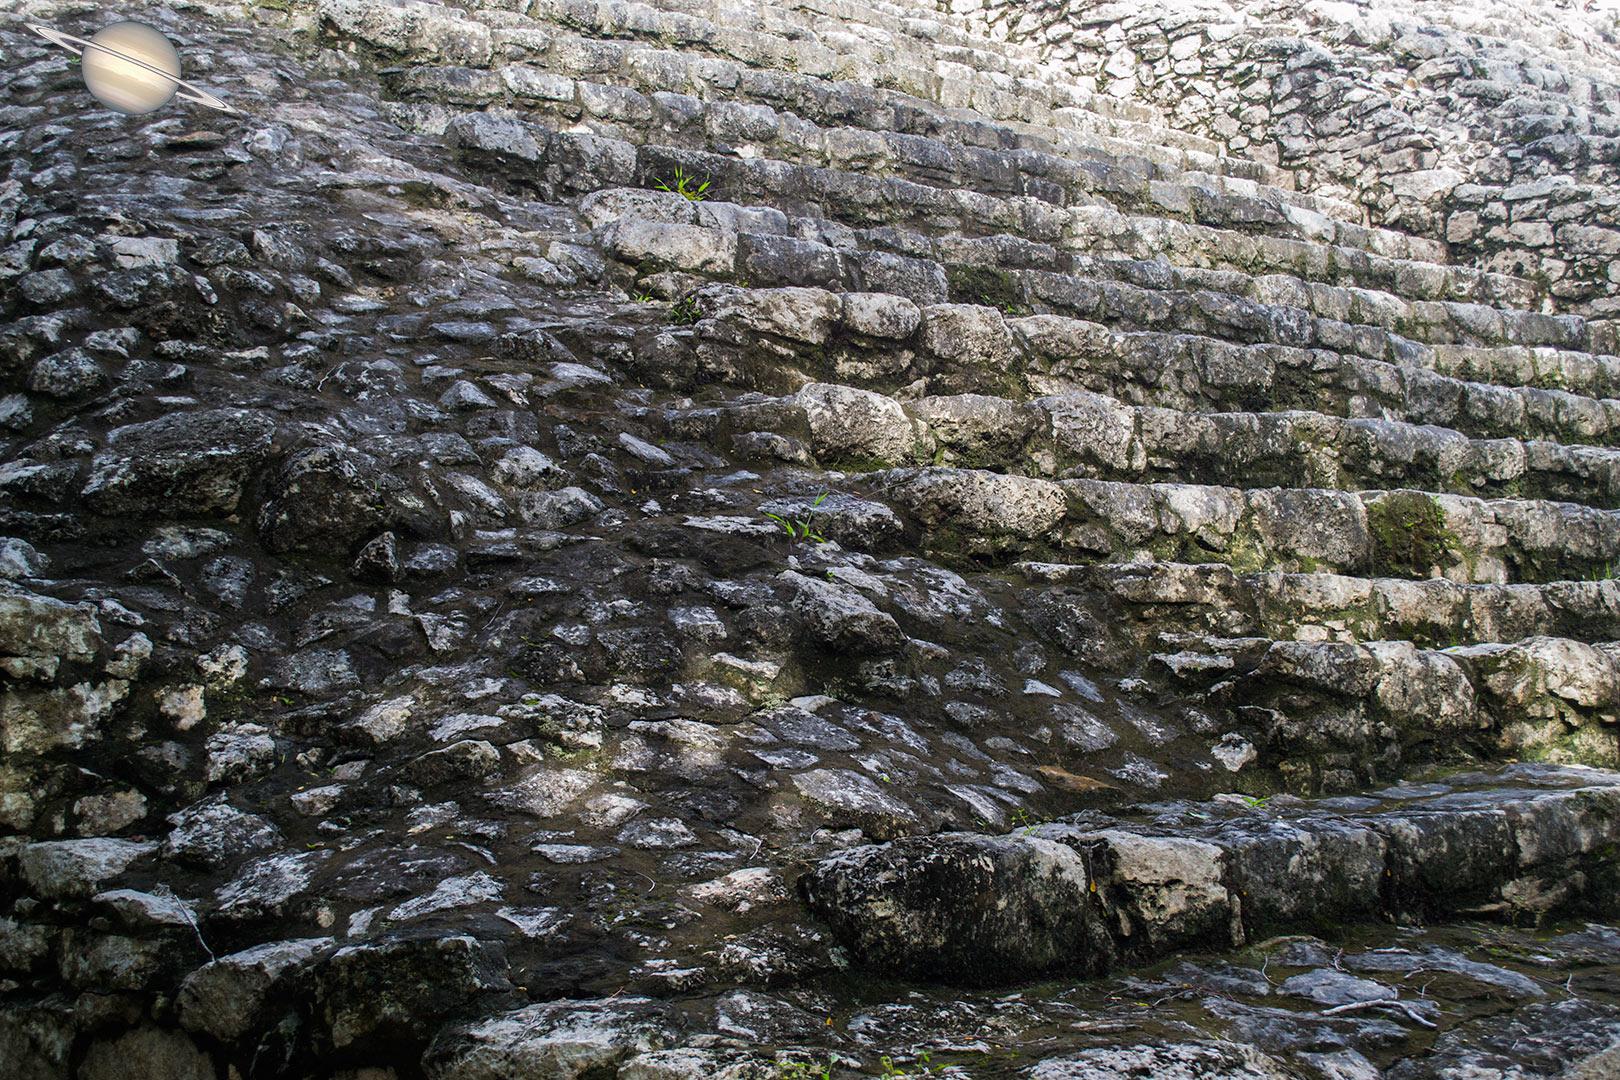 coba yucatan mexico 8 - Suba uma Pirâmide em Coba, Antiga Cidade Maia, México